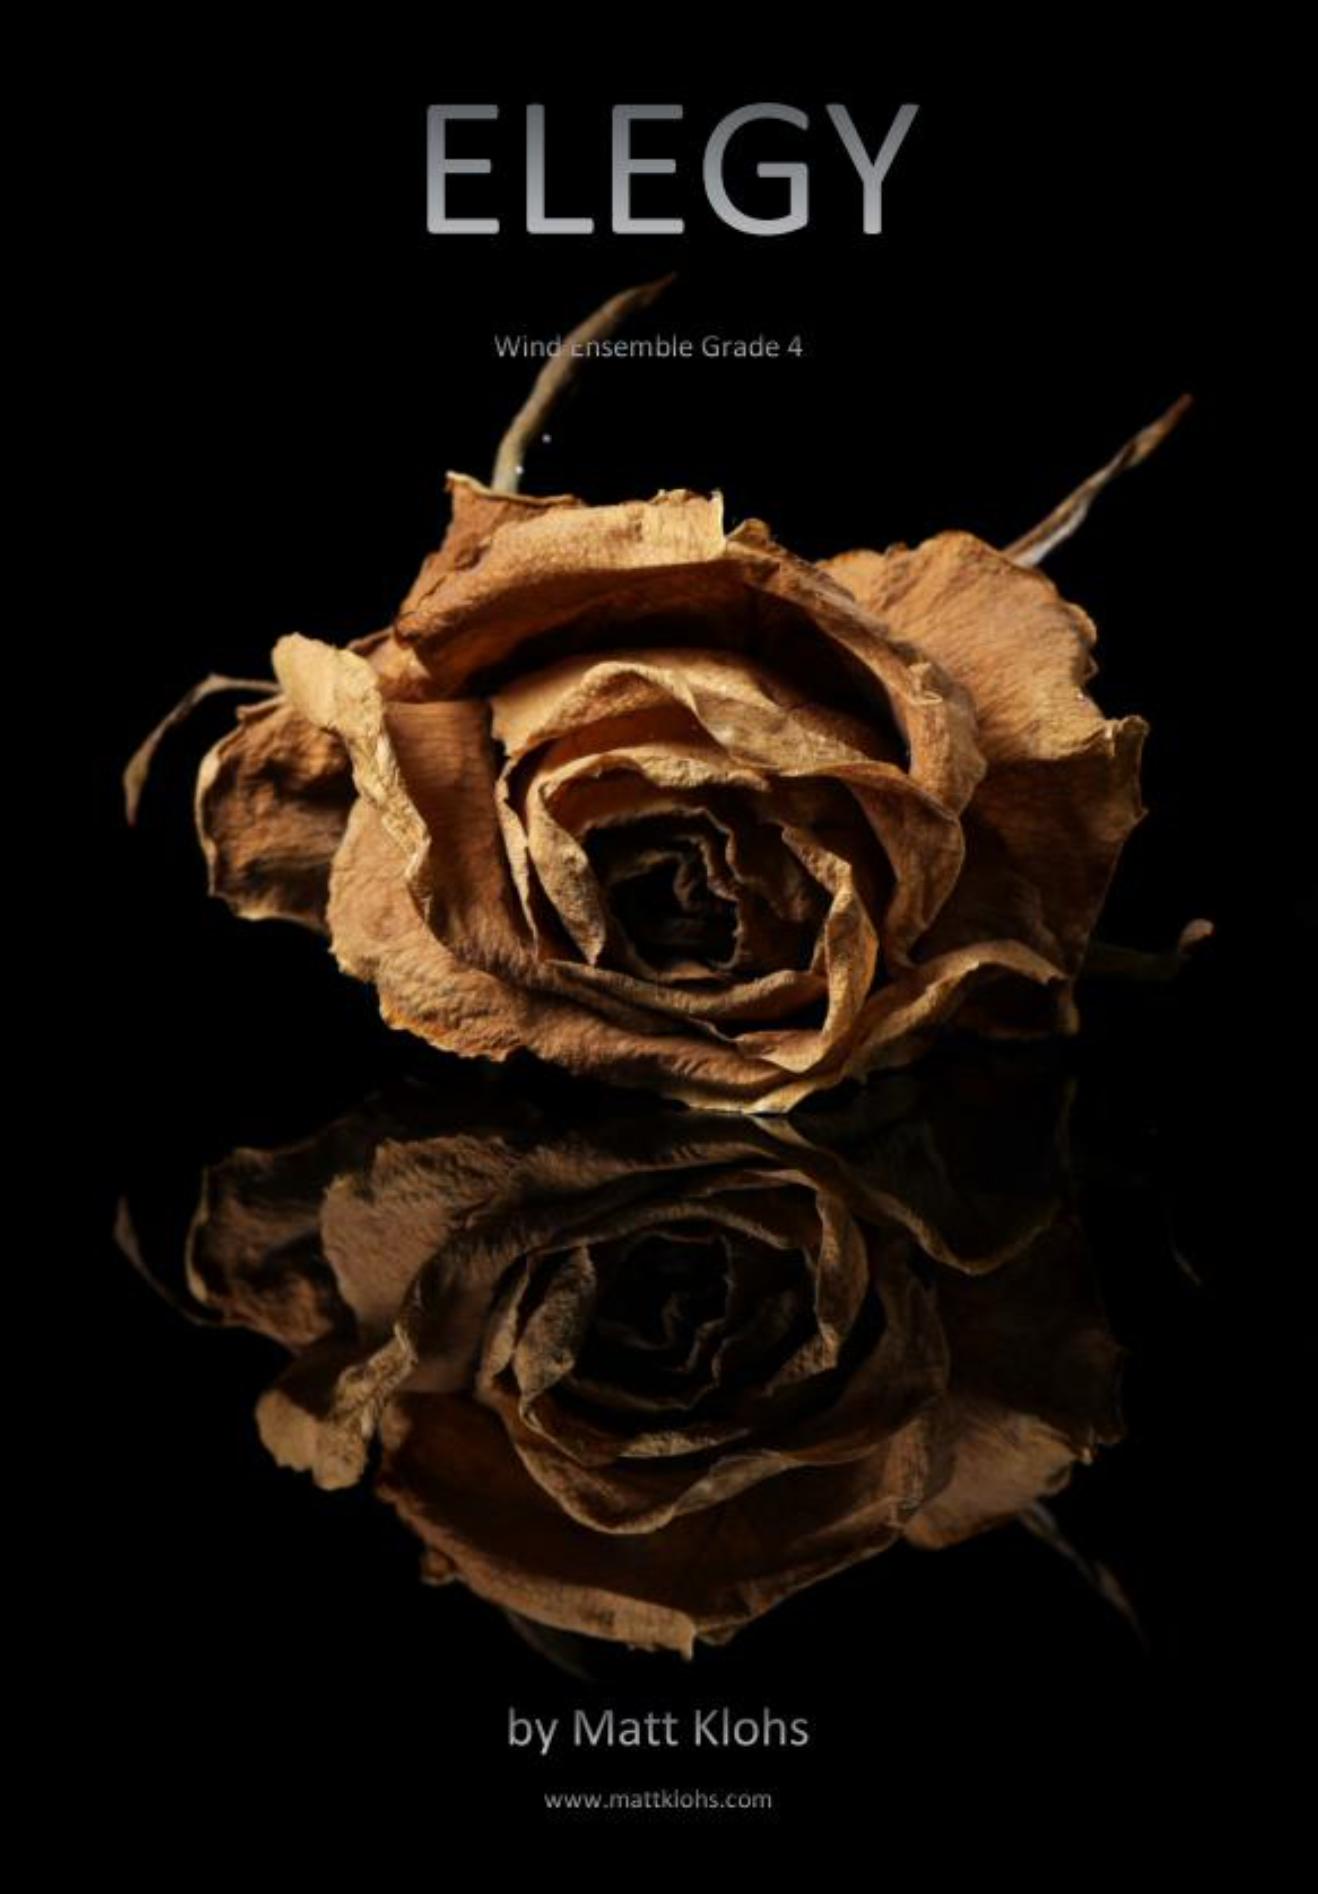 Elegy by Matt Klohs